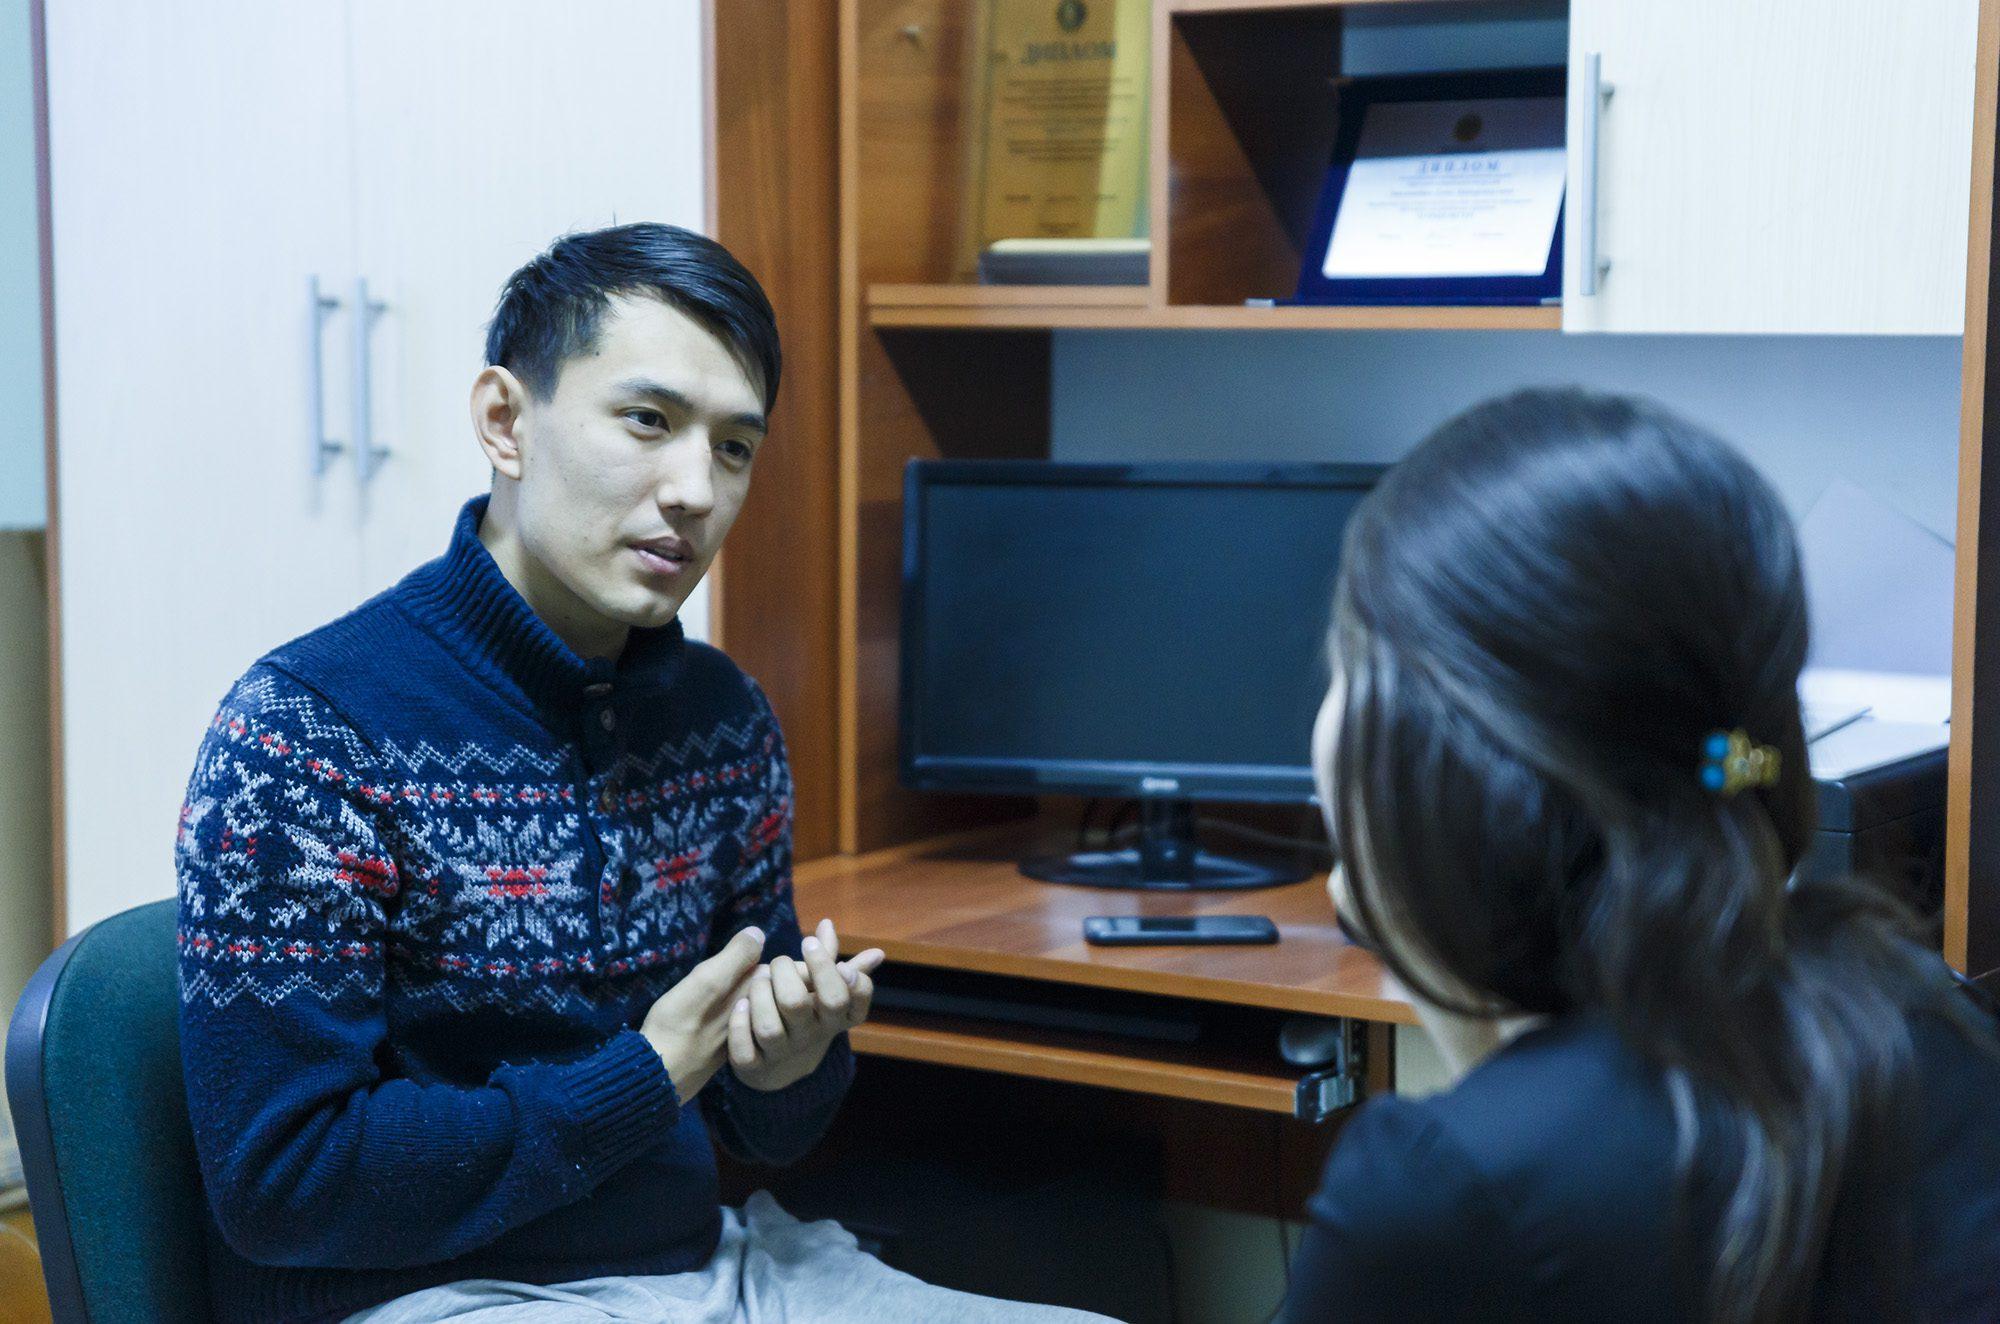 Елдос Баялышбаев, Асар реабилитациялық орталығы